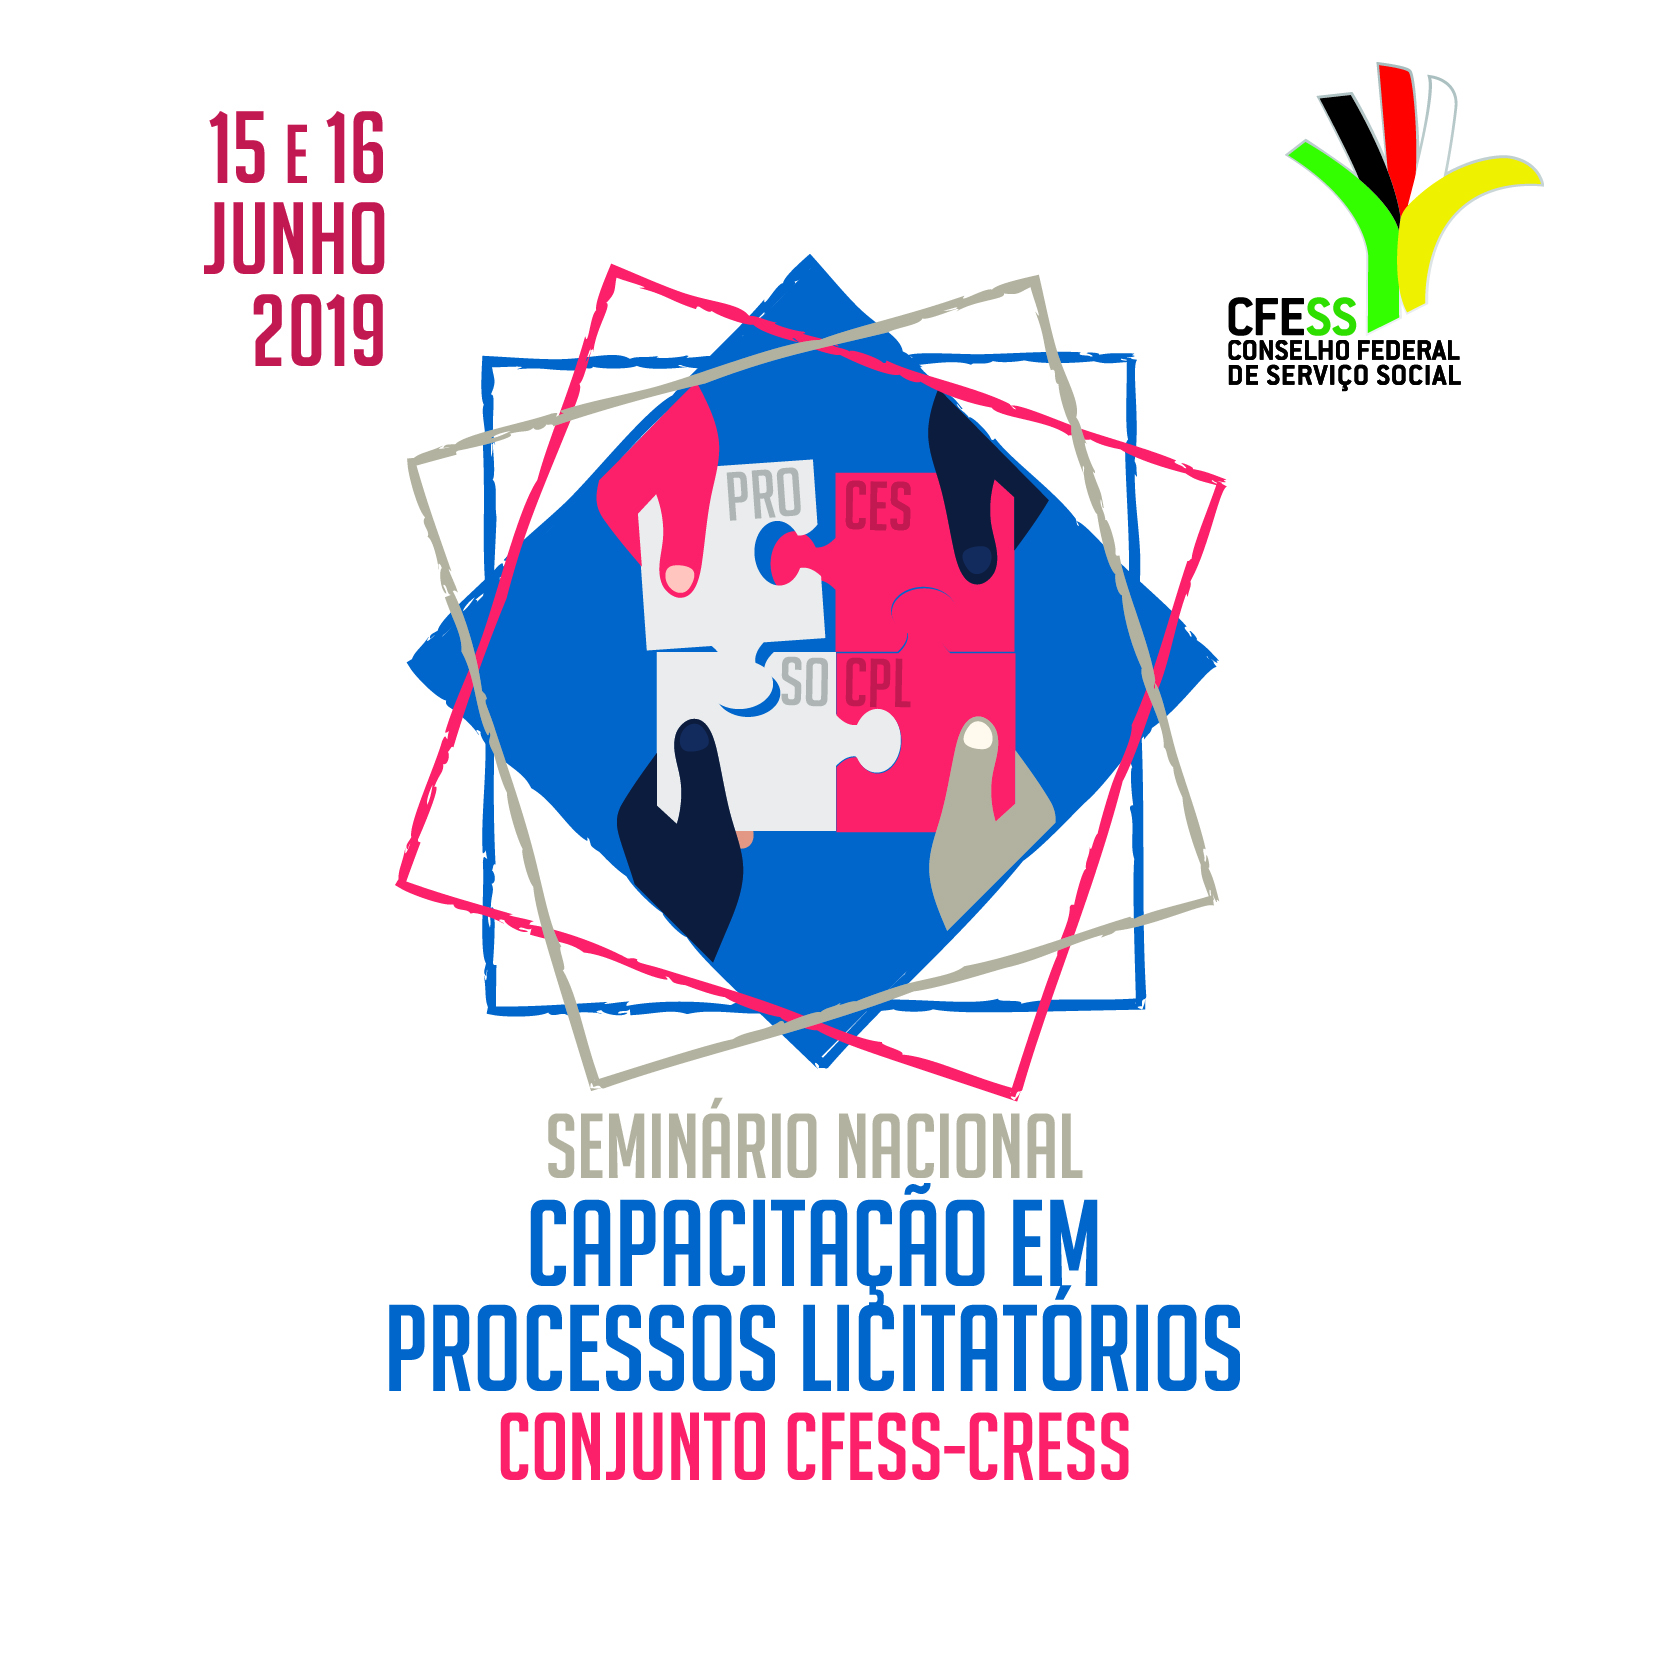 Imagem mostra logo do evento, um quebra-cabeça montado a quatro mãos com as palavras processos licitatórios